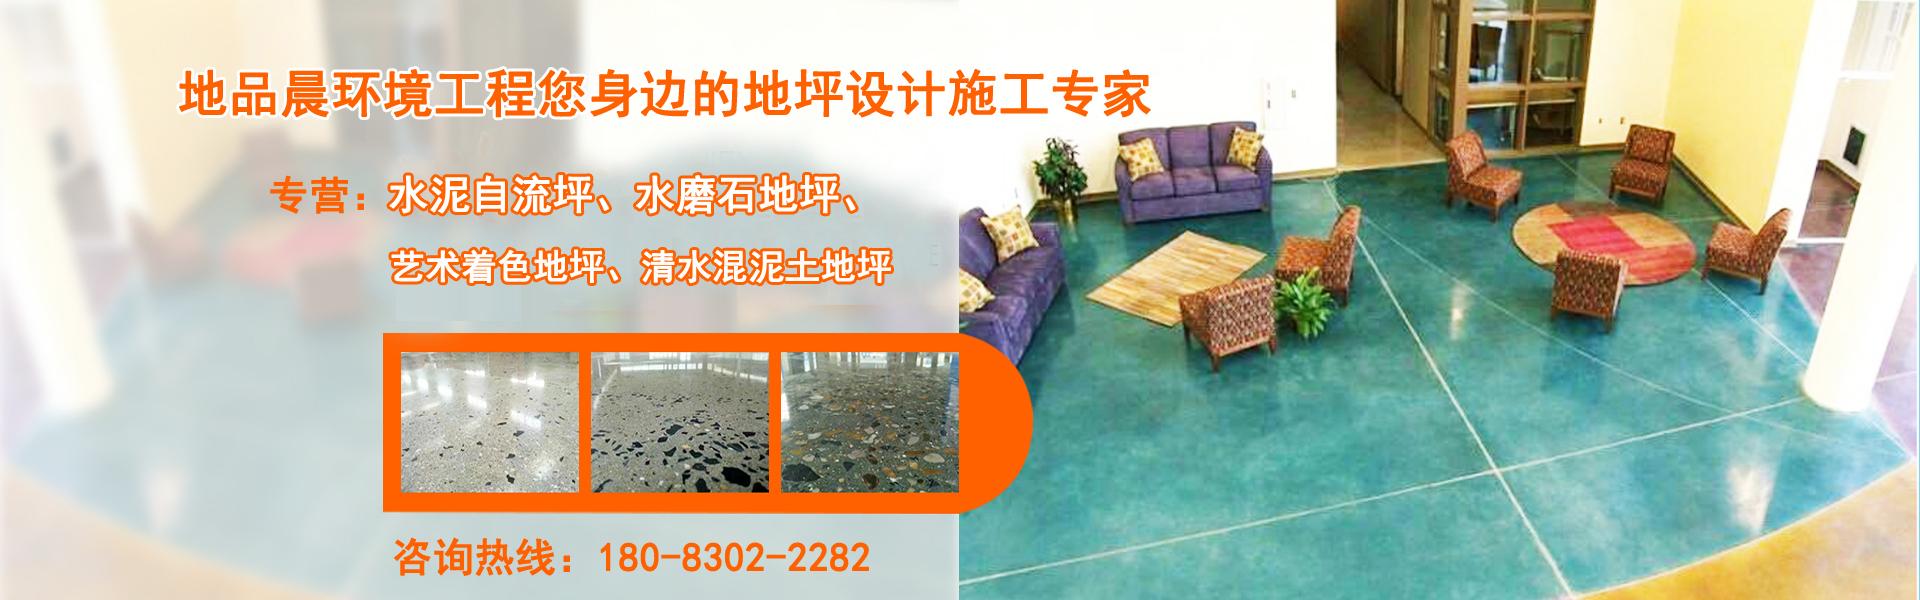 地品晨环境工程您身边的地坪设计施工专家!专营:水泥自流平、水磨石地坪、艺术着色地坪、清水混凝土地坪